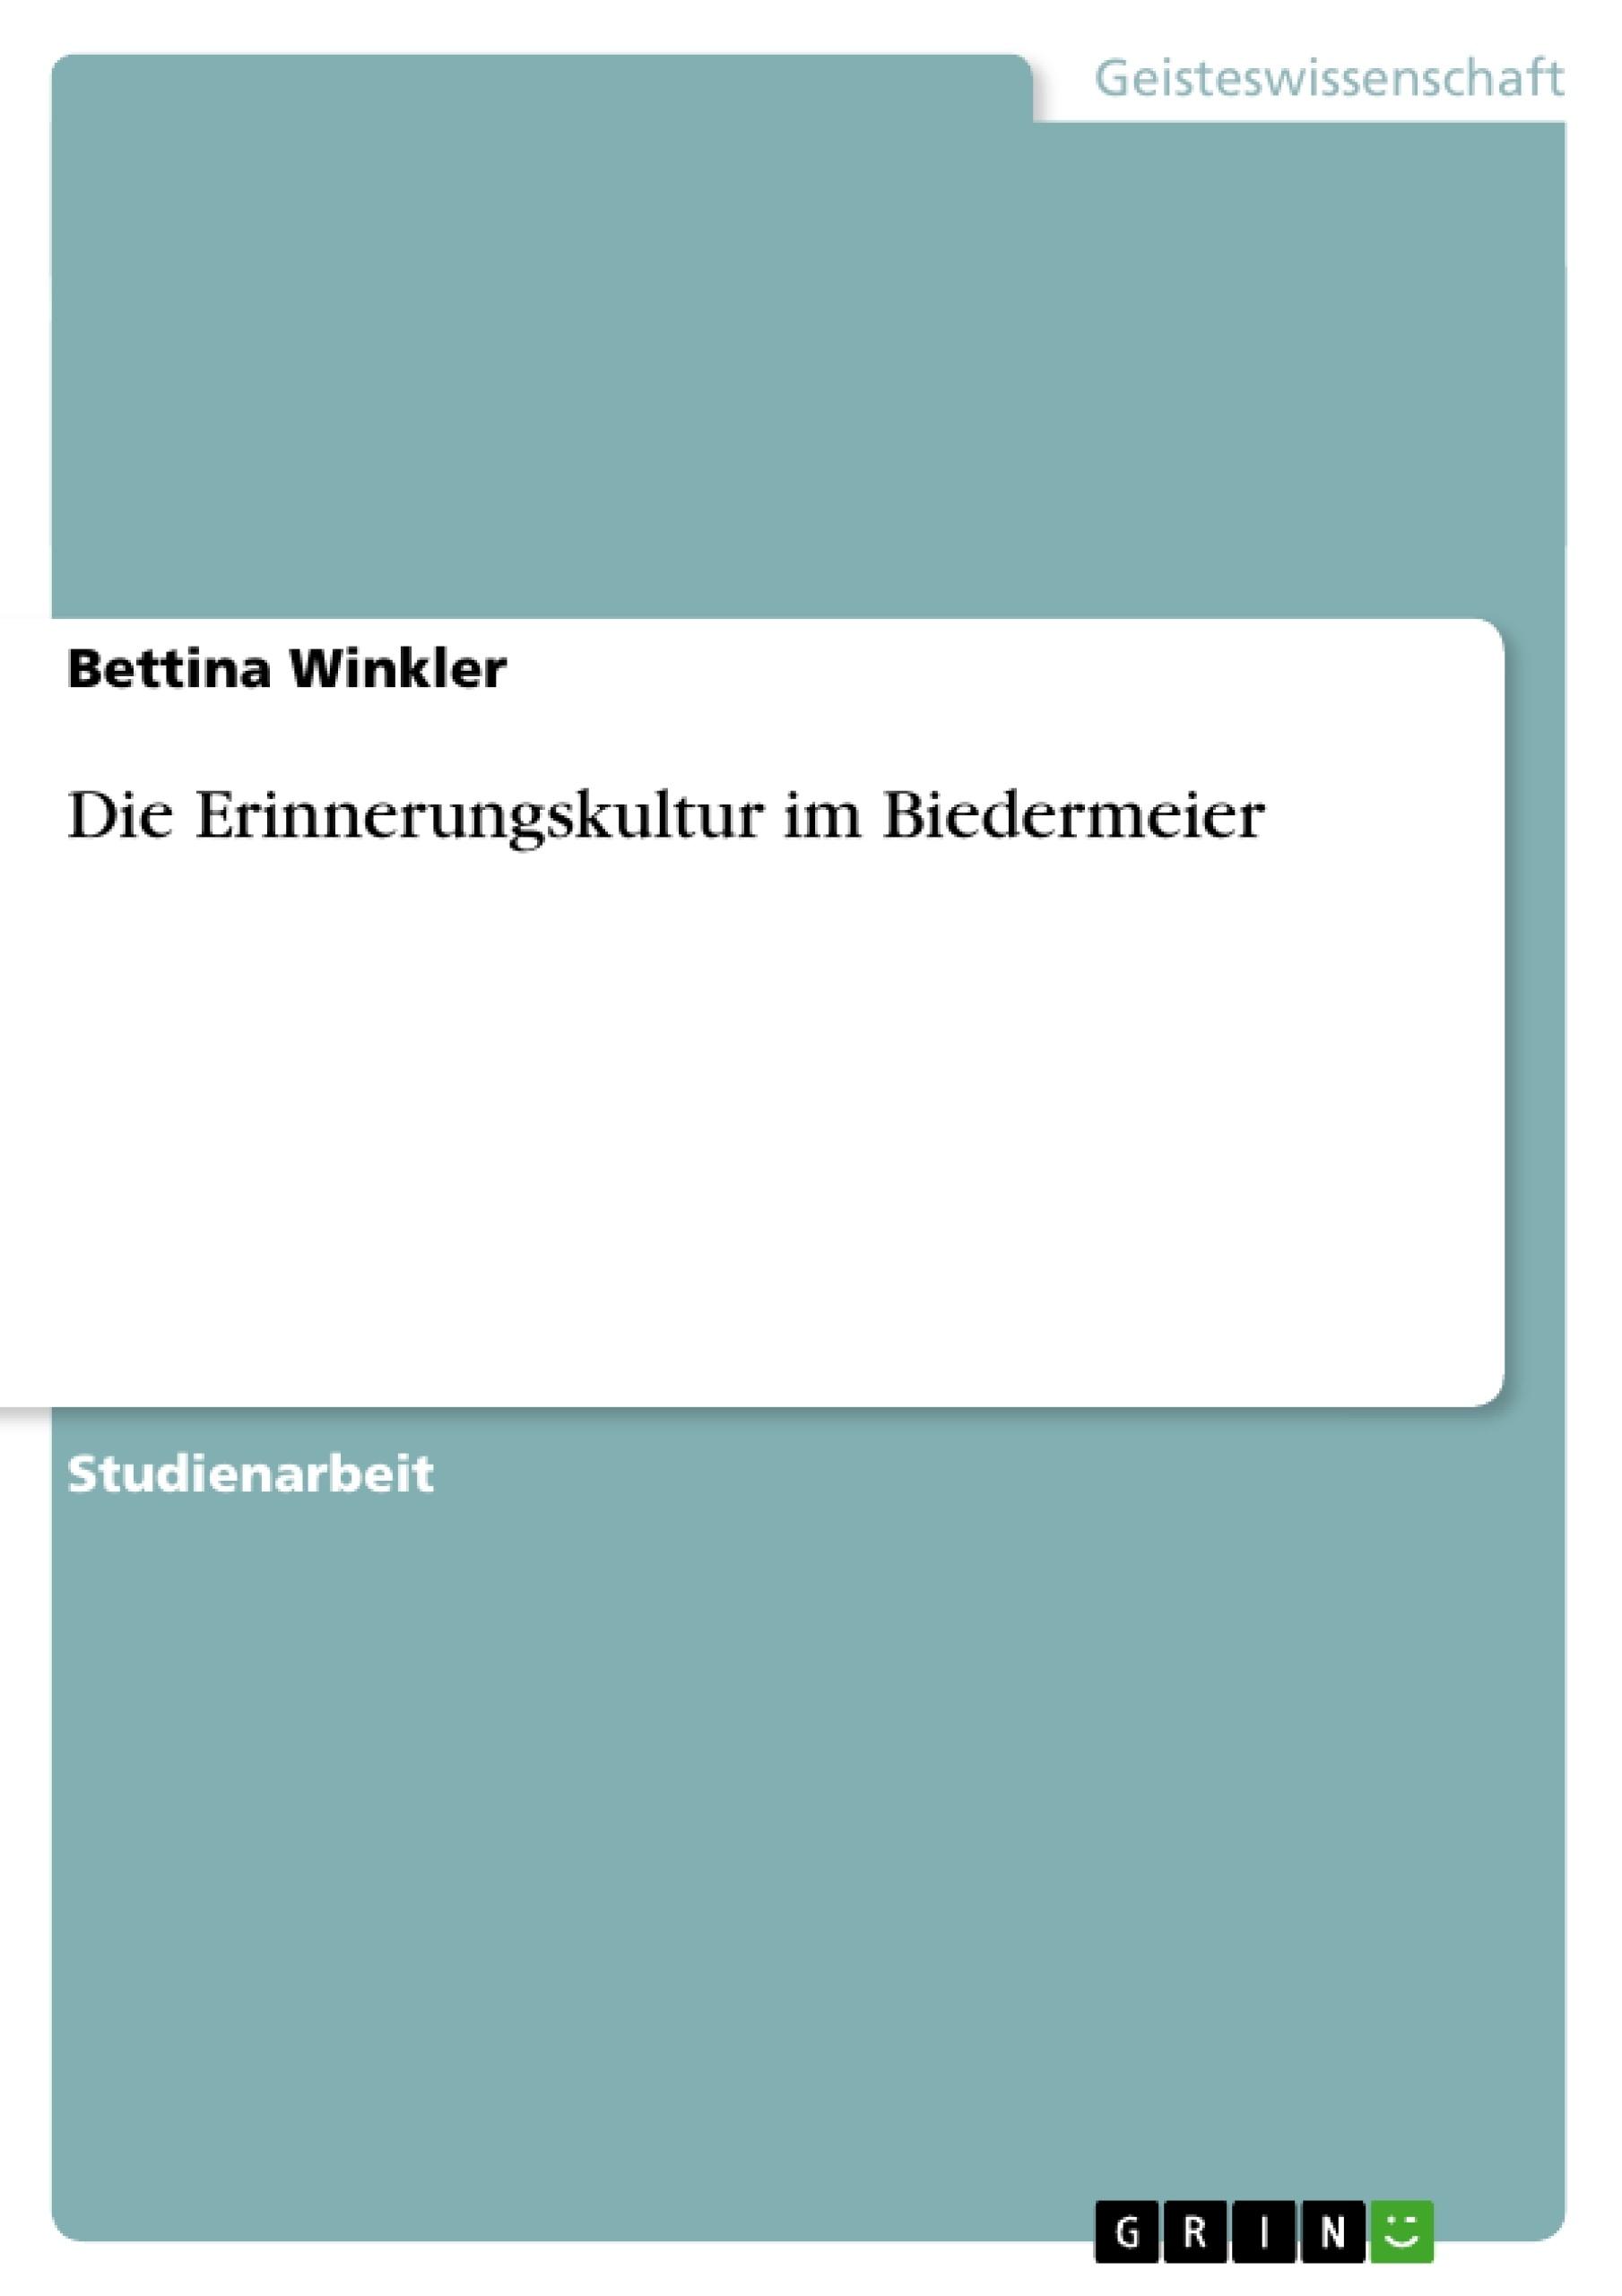 Titel: Die Erinnerungskultur im Biedermeier